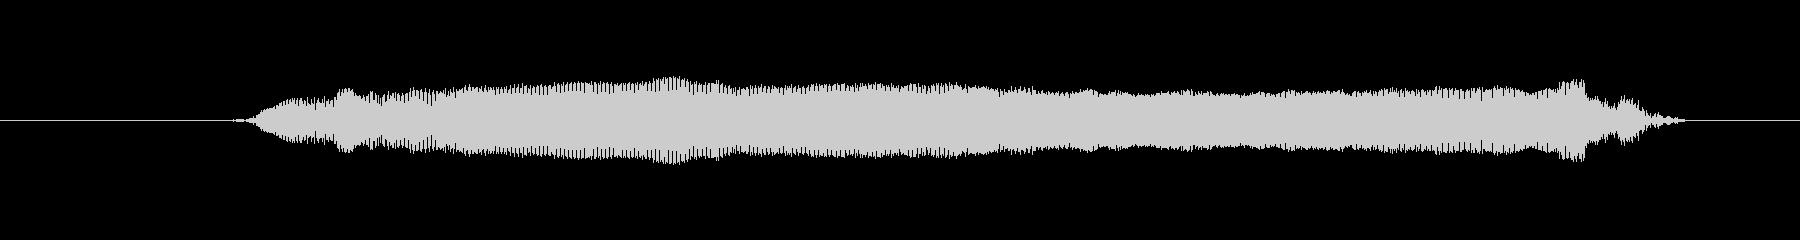 鳥 イーグルコール03の未再生の波形